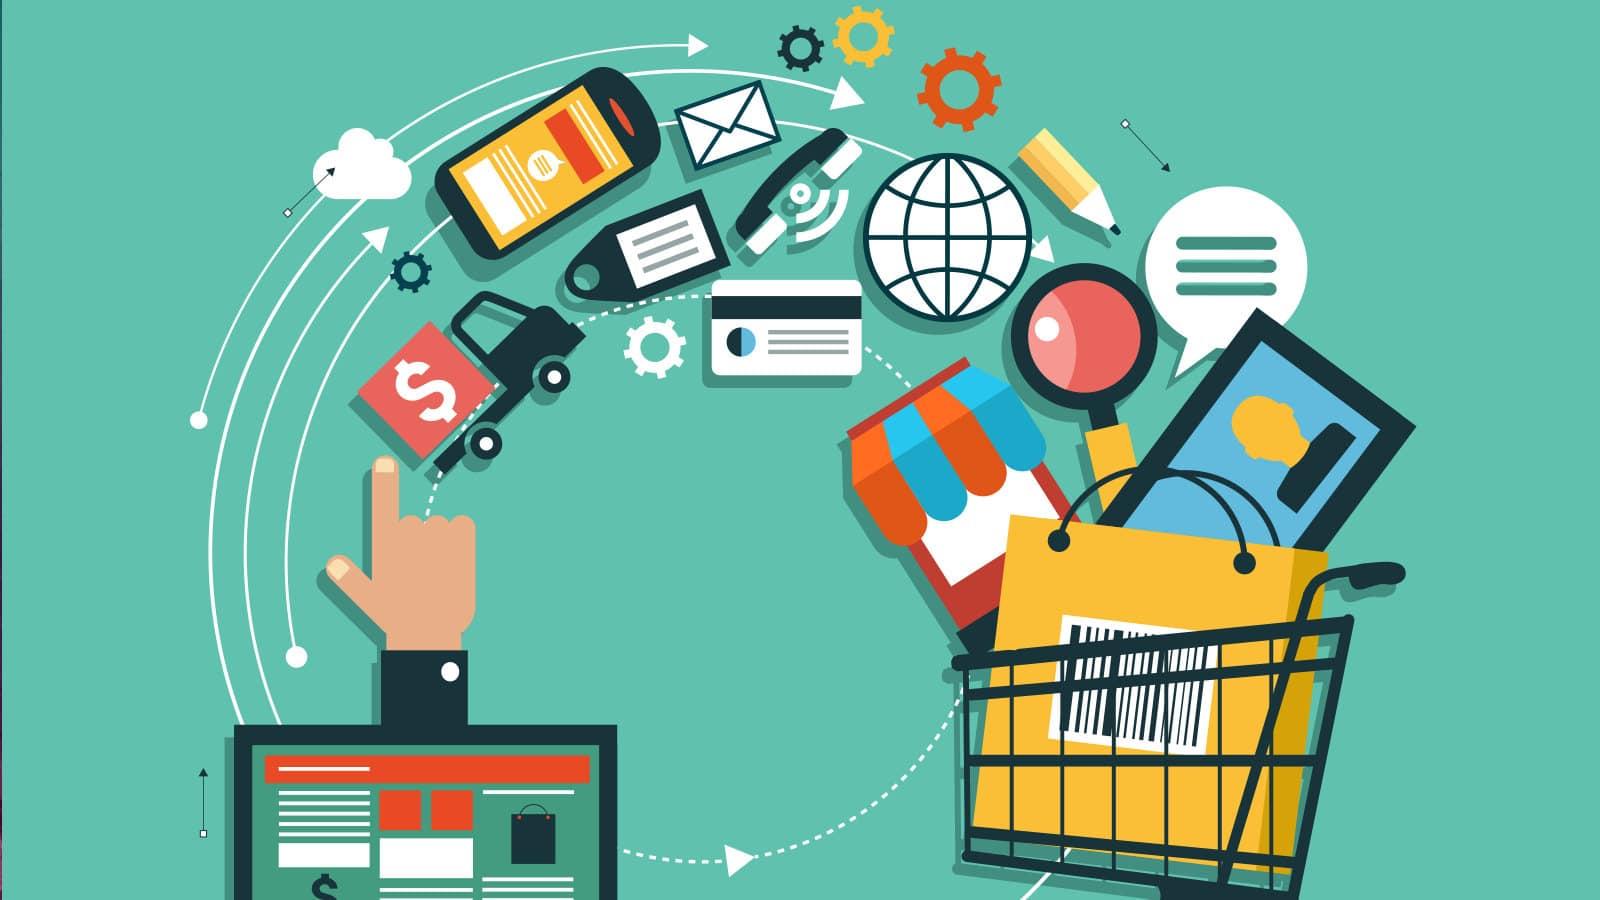 Cara Jualan Online Mudah Bagi yang Baru Ingin Memulai